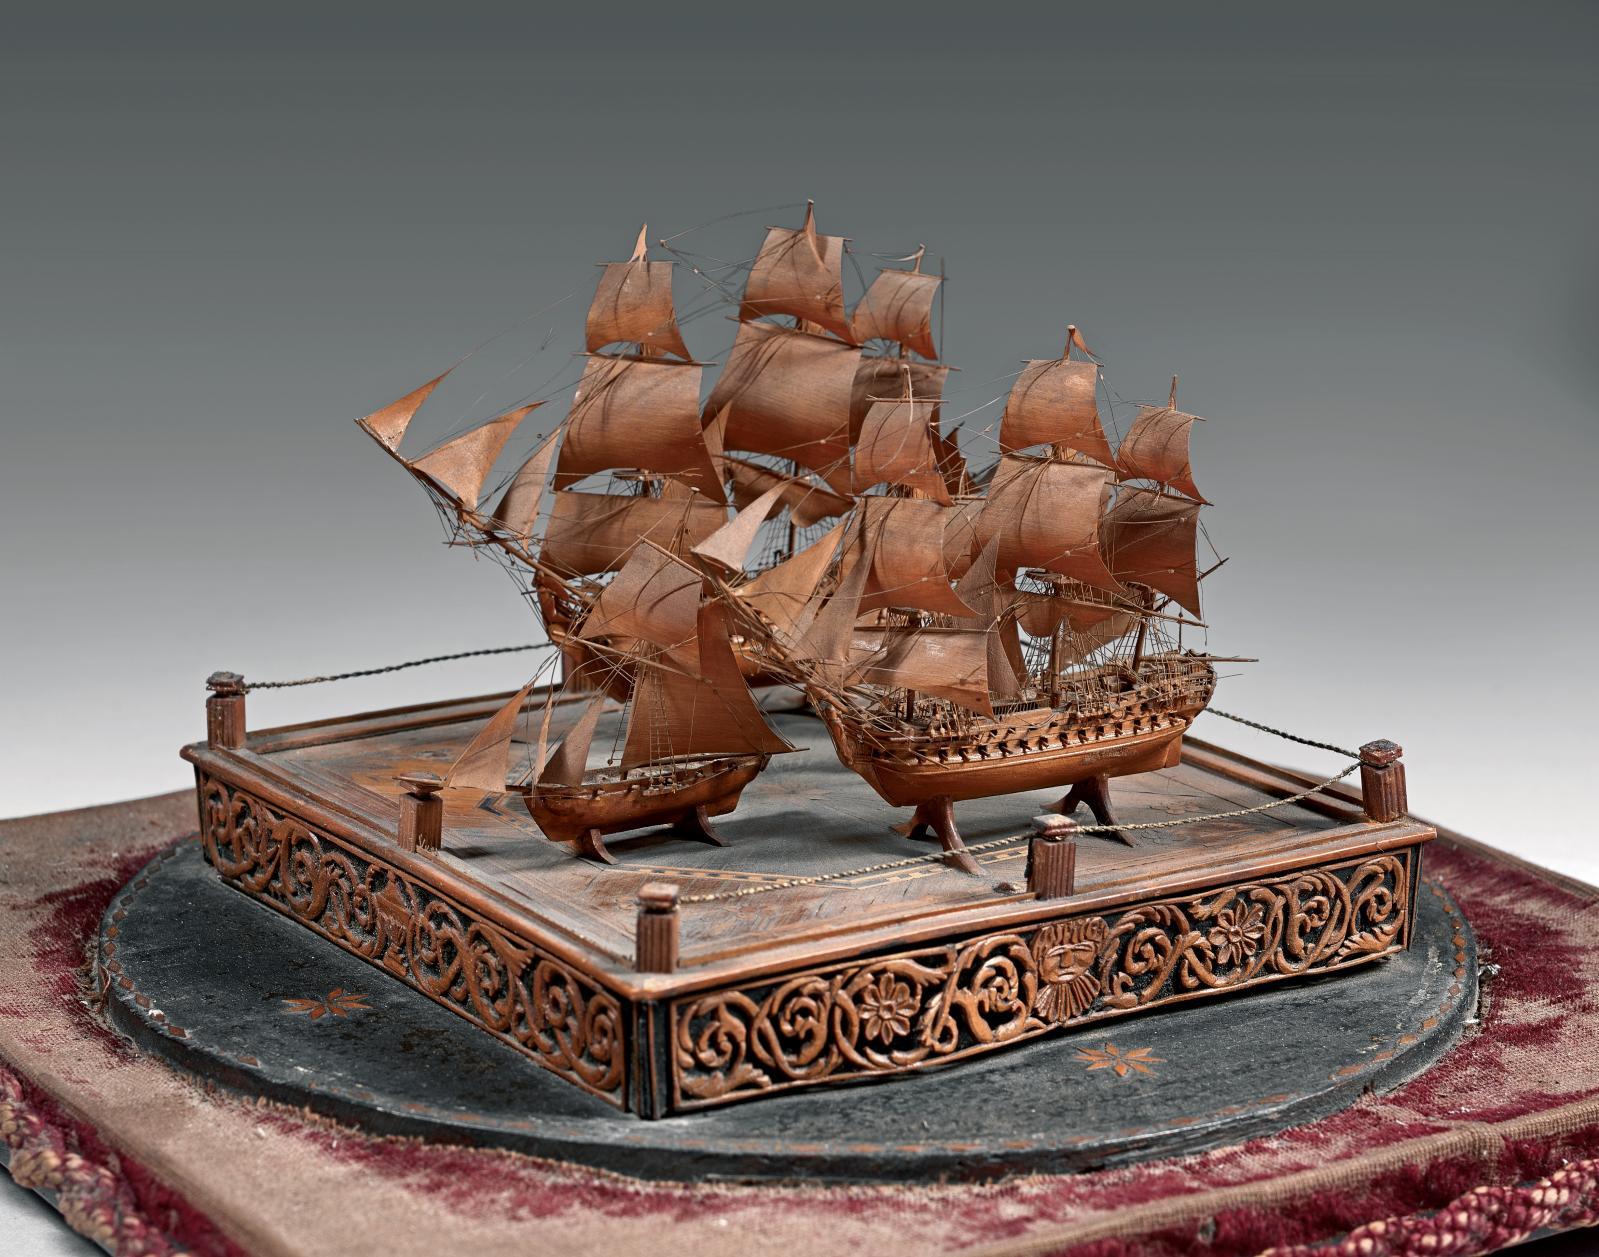 Maquette de ponton du premier Empire, représentant une flotte de quatre bateaux en bois sculpté, 25x24cm,socle compris. Paris, Drouot-Richelieu, le